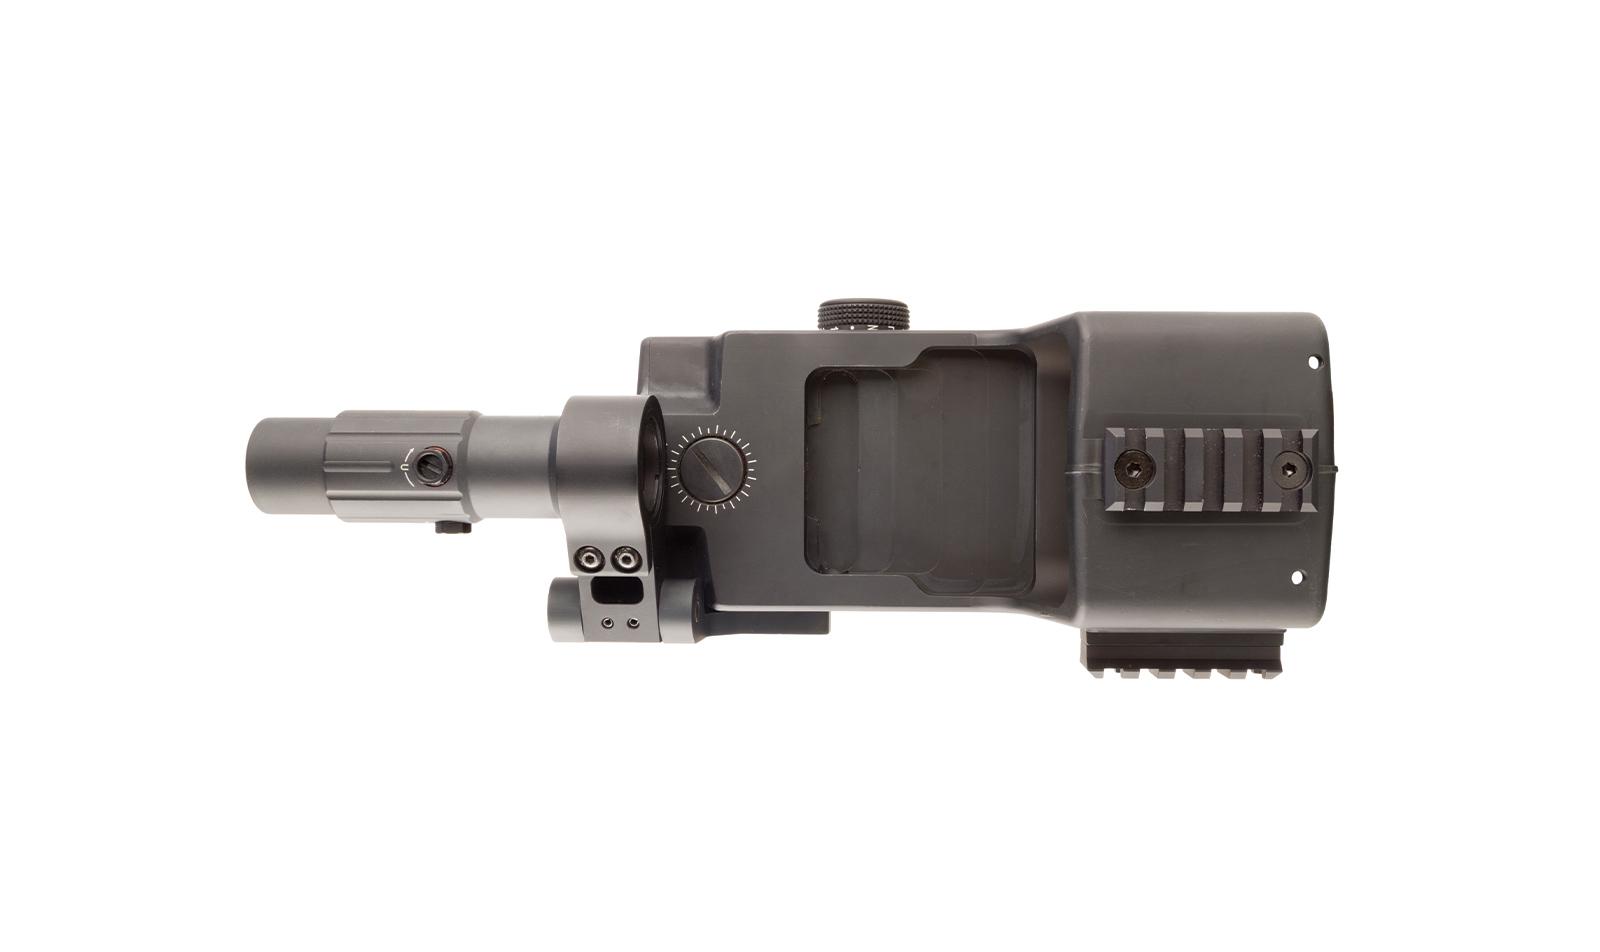 MGRS-D-2300005 angle 9